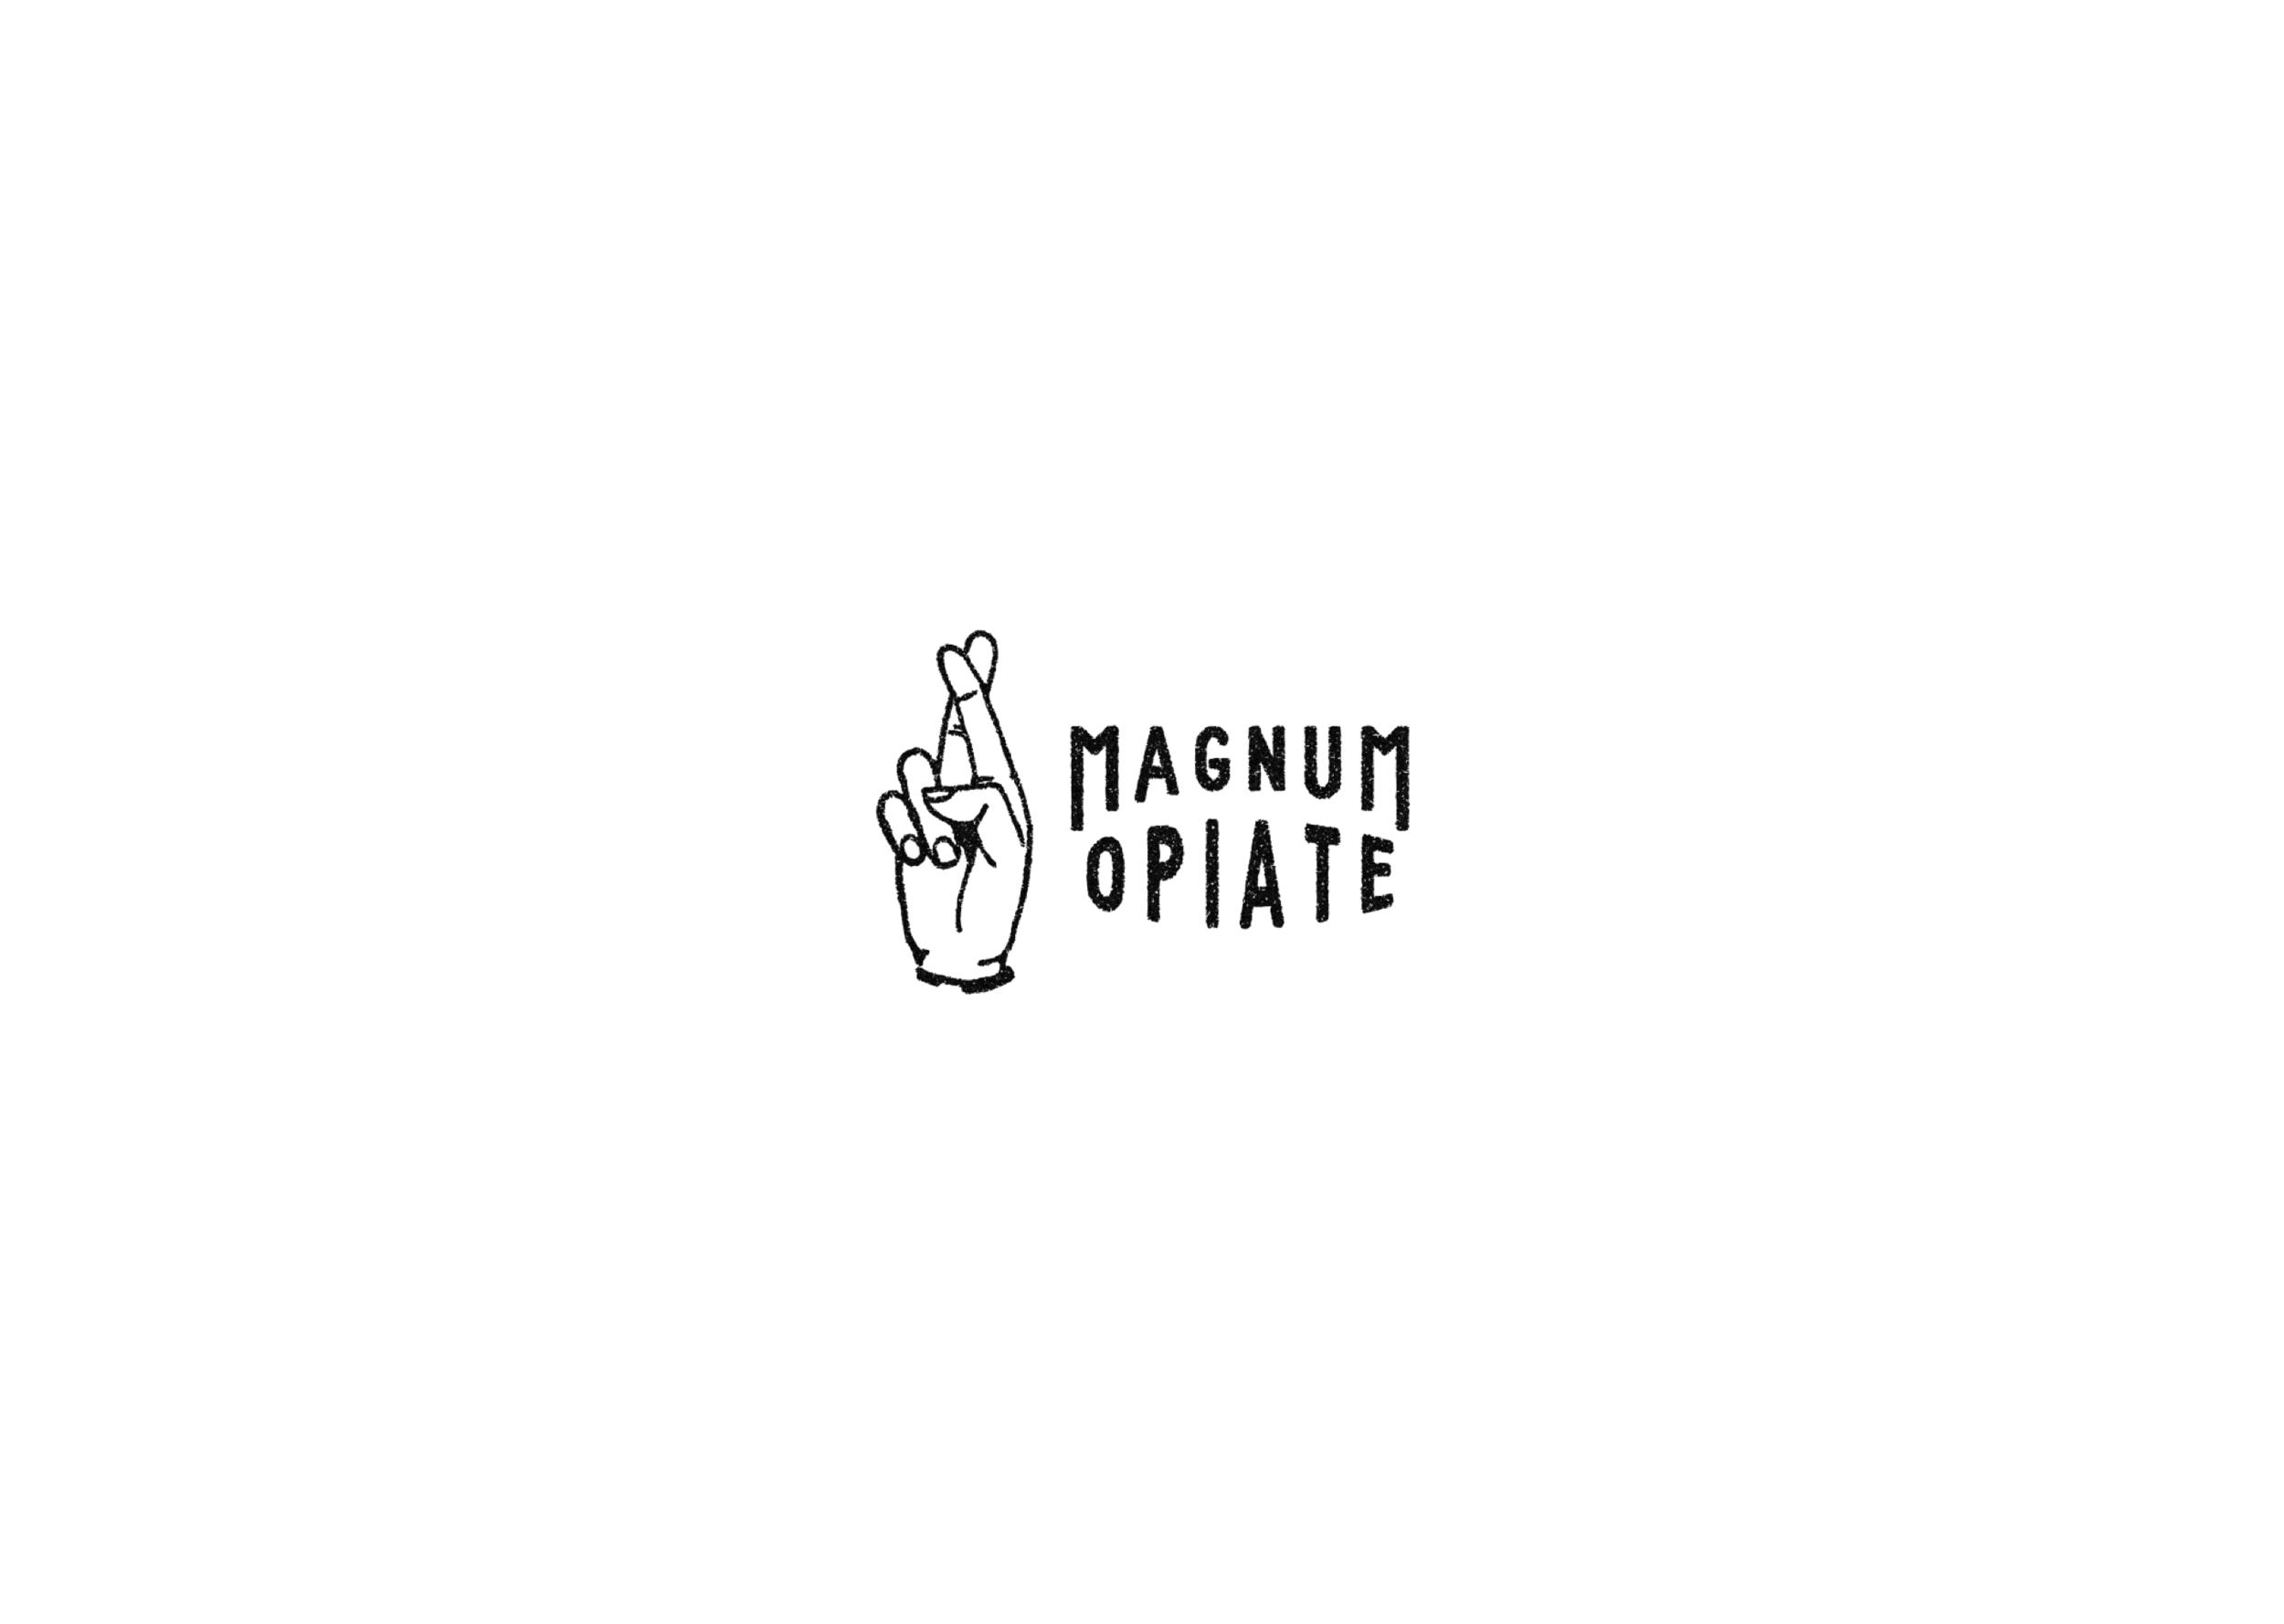 Magnum Opiate 1.png